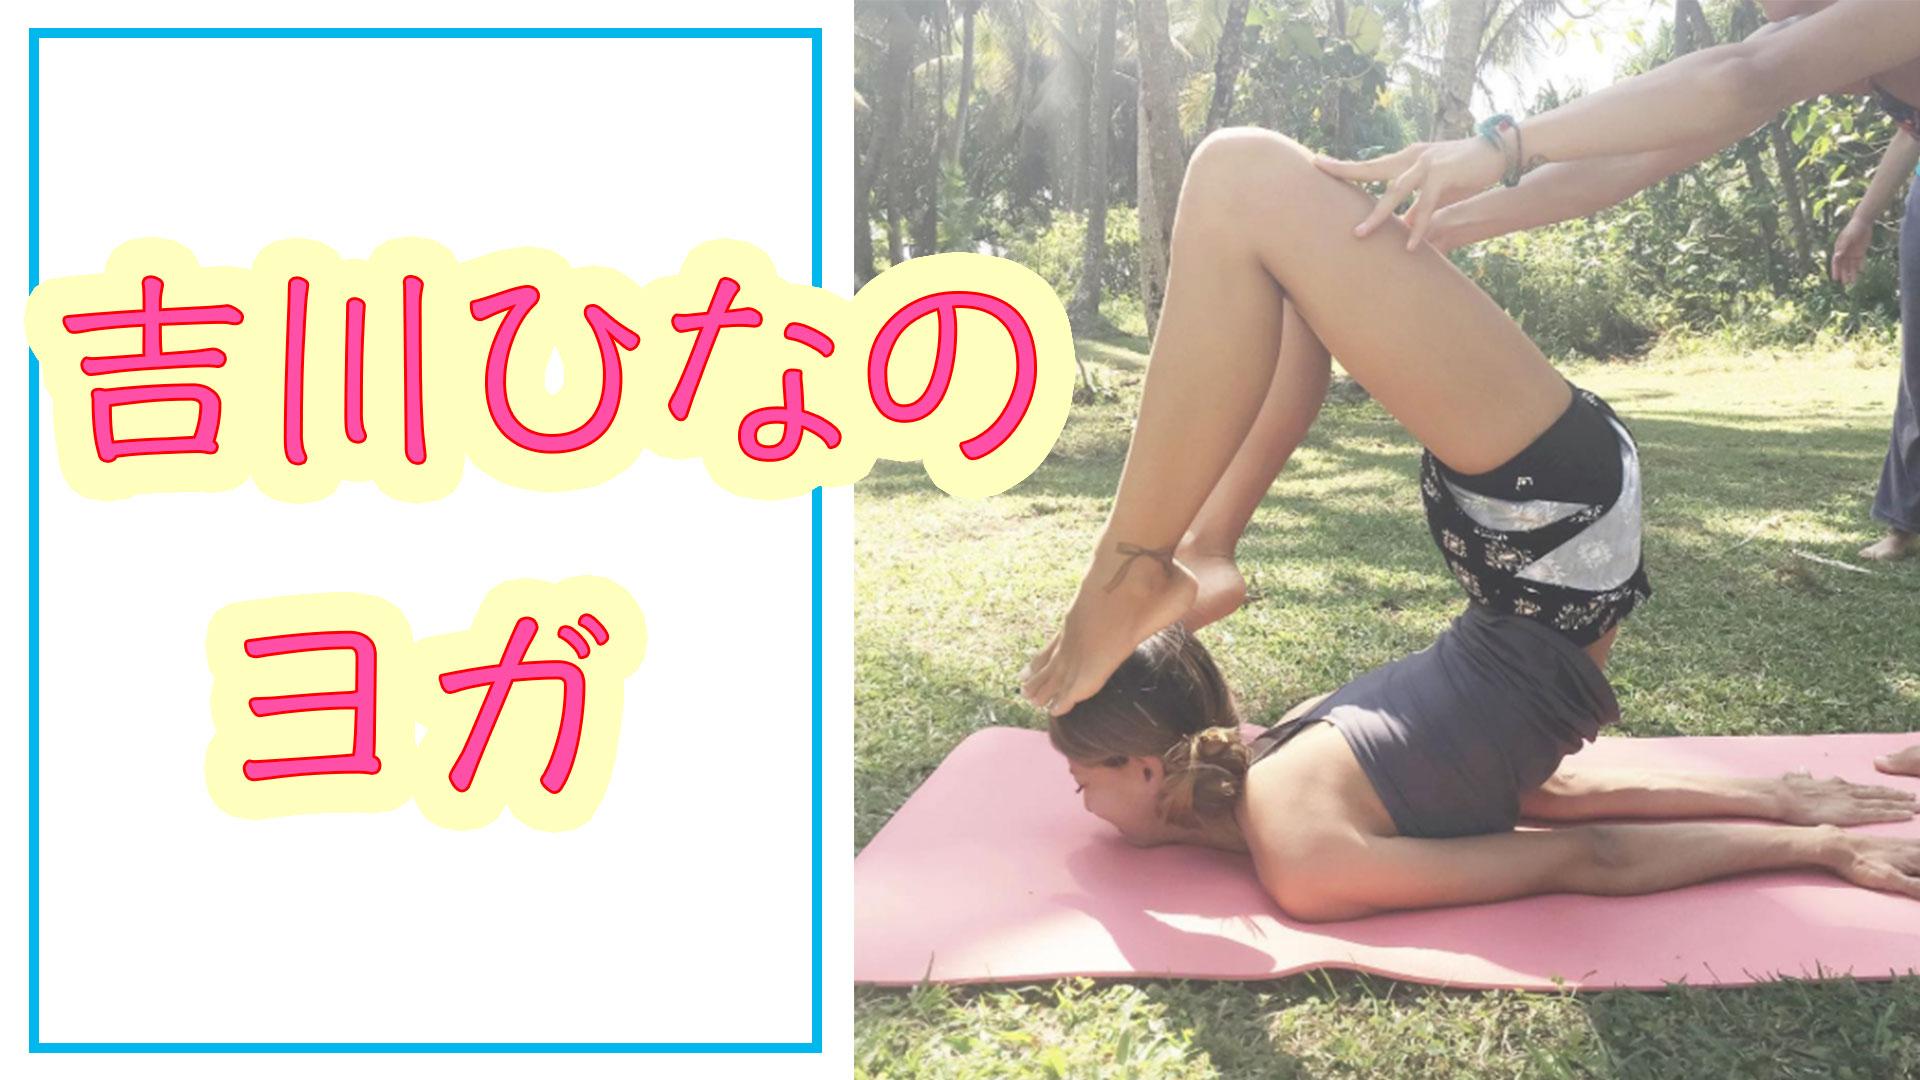 吉川ひなの軟体ヨガポーズ!ヨガで体を柔らかくする方法を紹介!